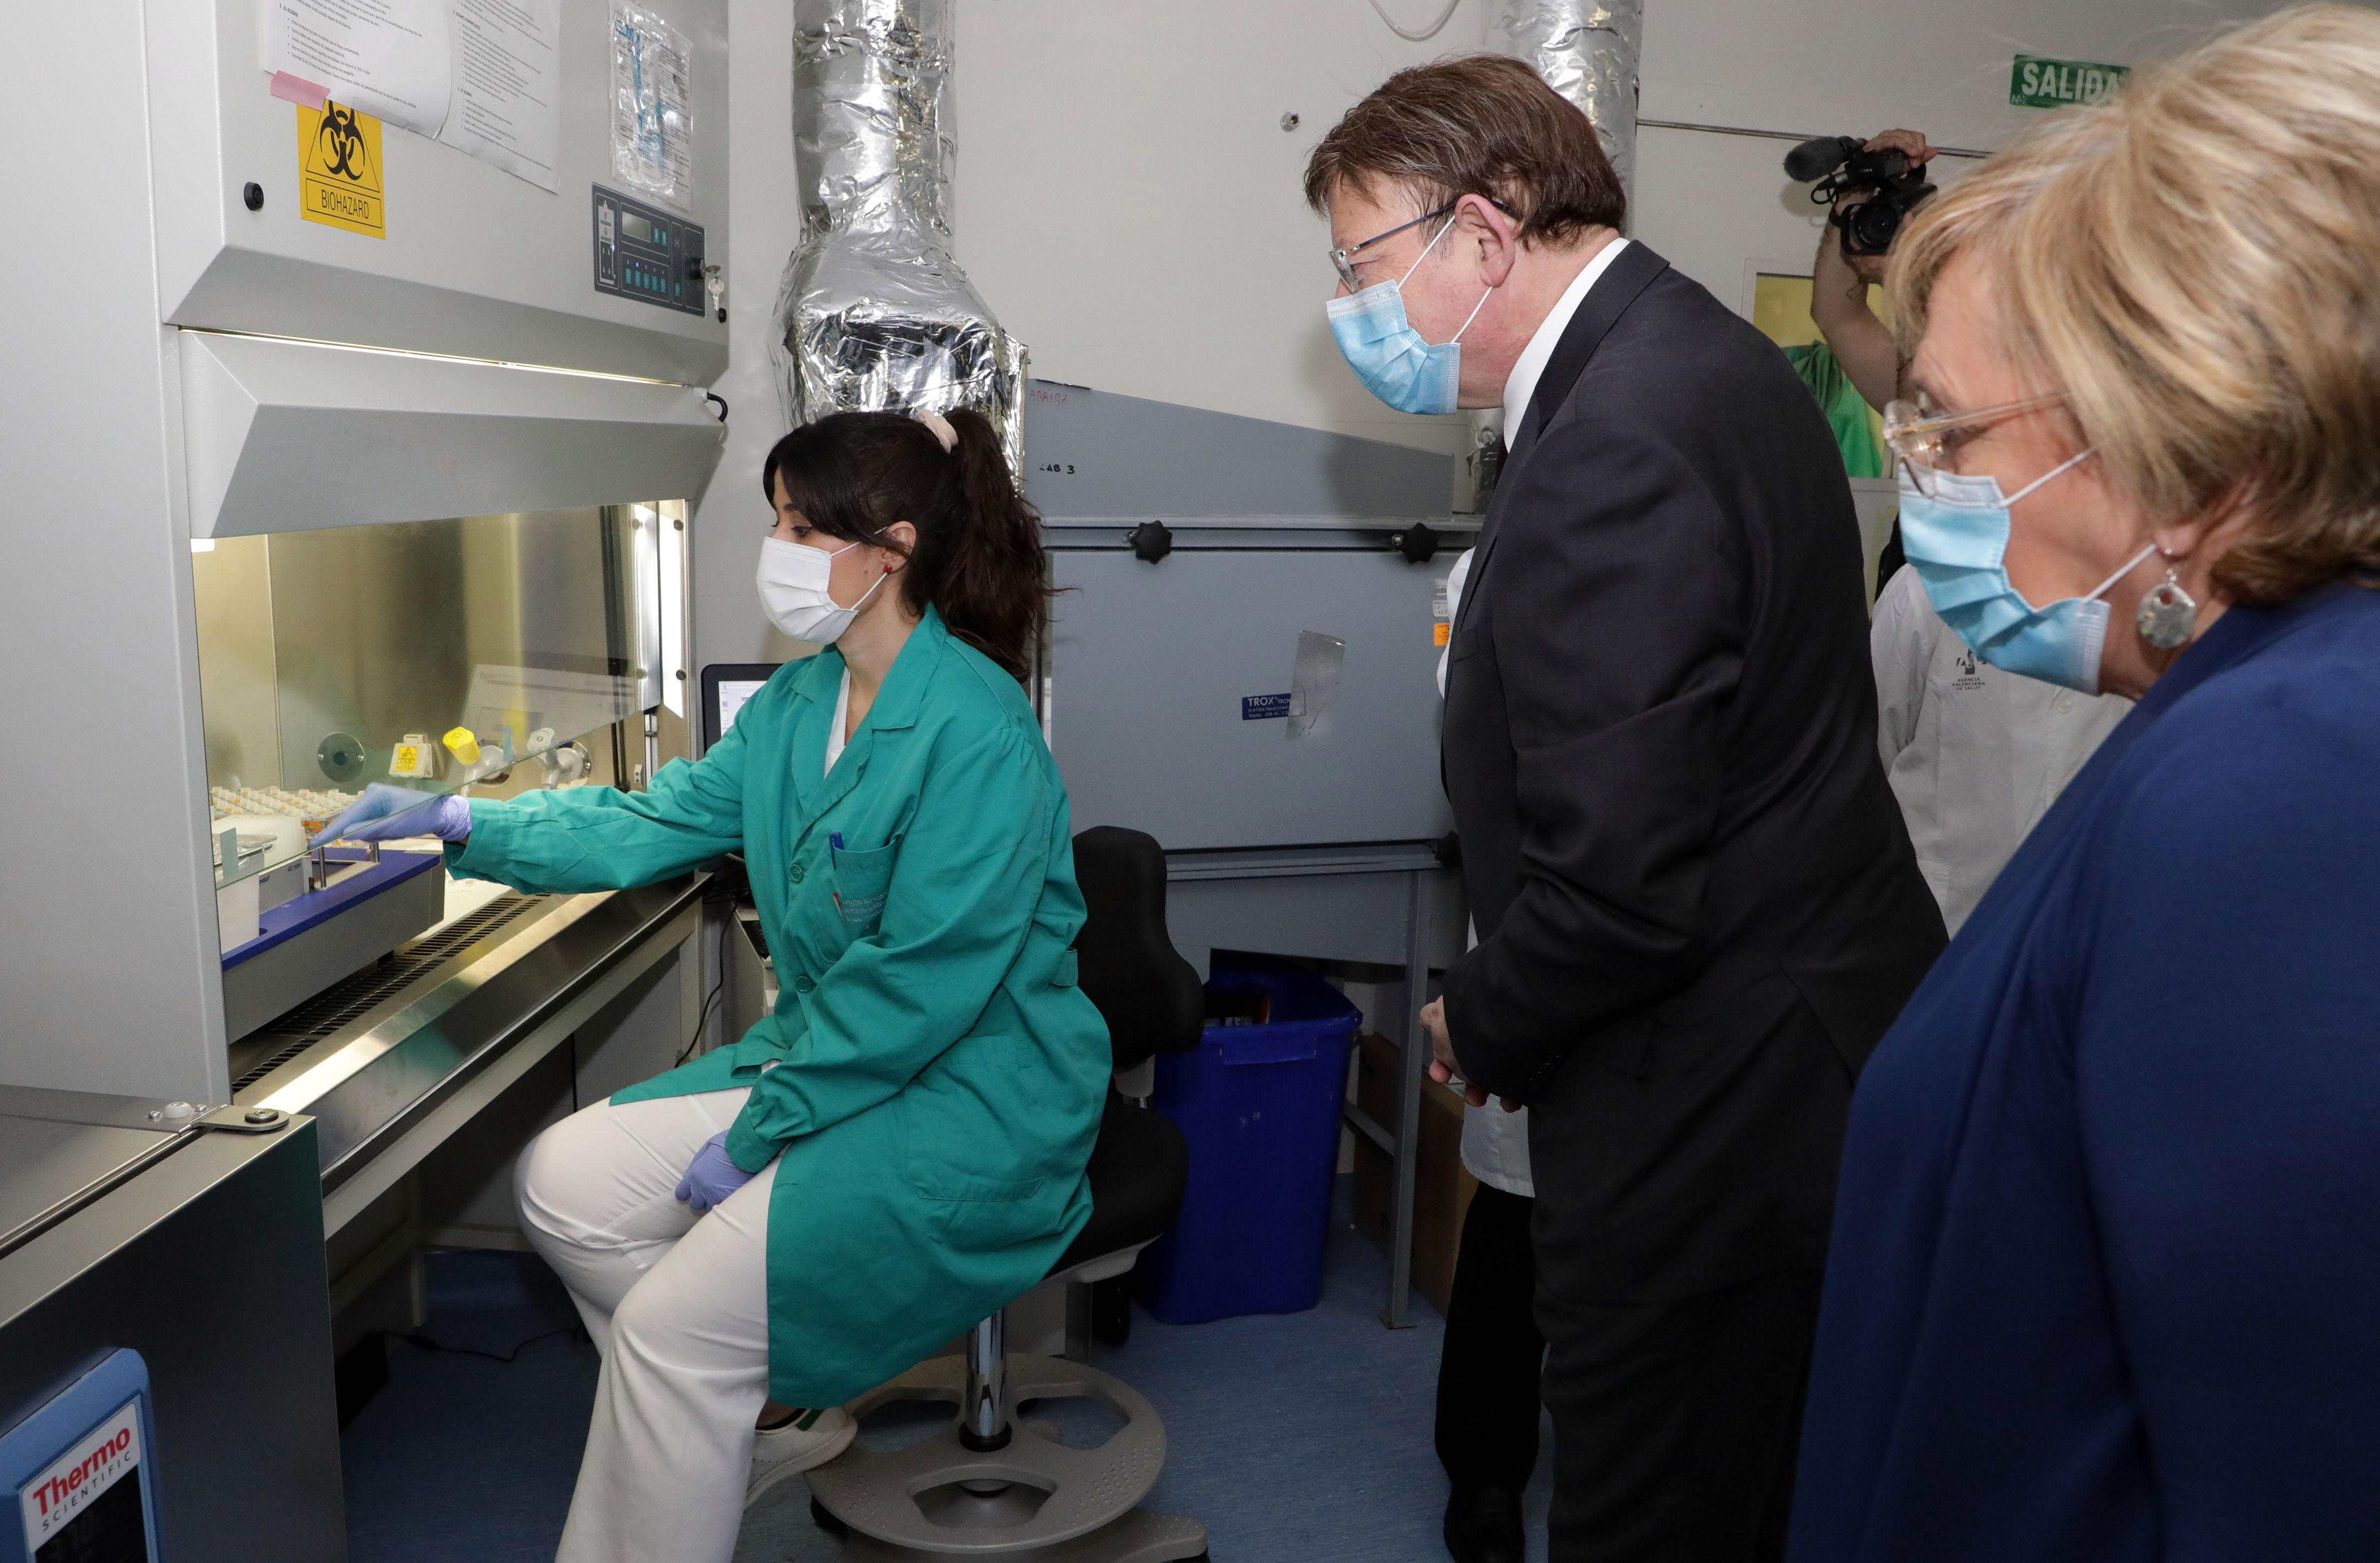 Ximo Puig anuncia que Fisabio participa en el desarrollo de un nuevo test para diagnosticar el virus de la COVID-19 de forma más rápida y precisa